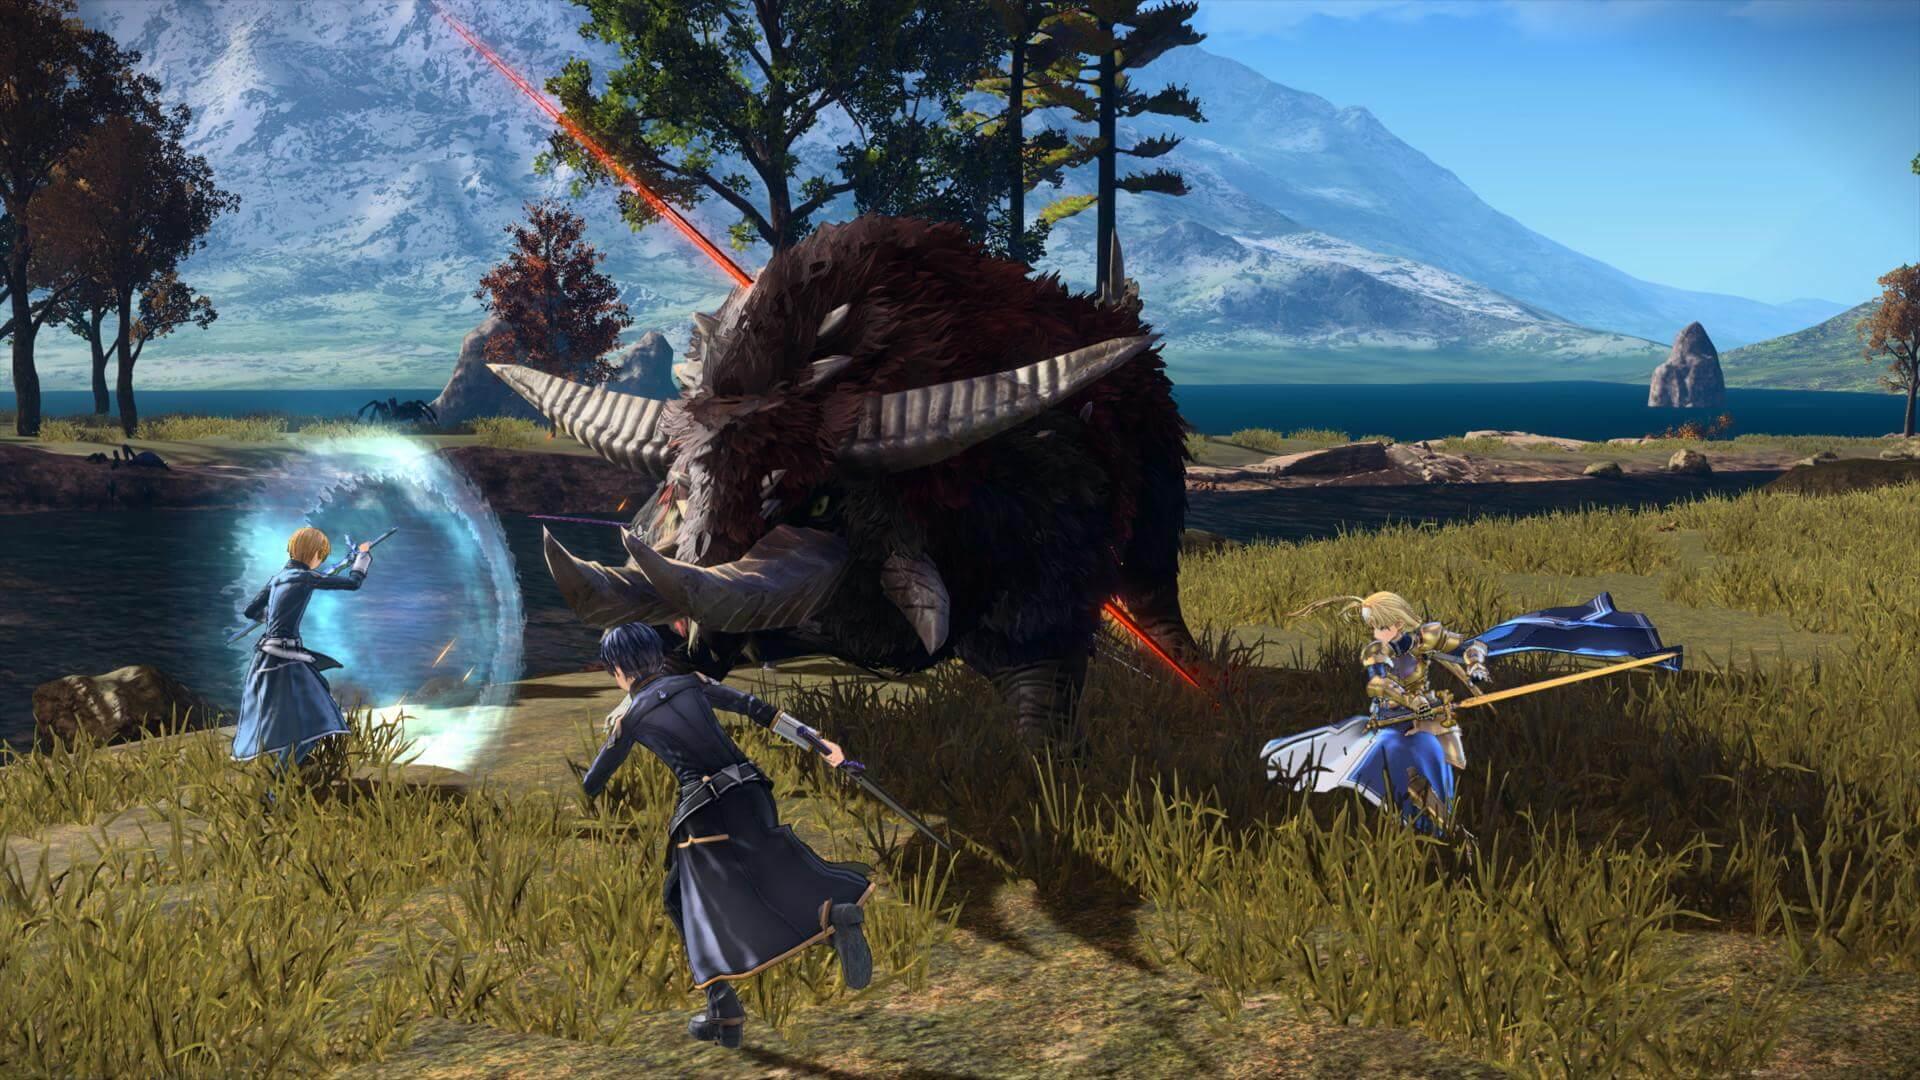 Скриншот из игры SWORD ART ONLINE Alicization Lycoris